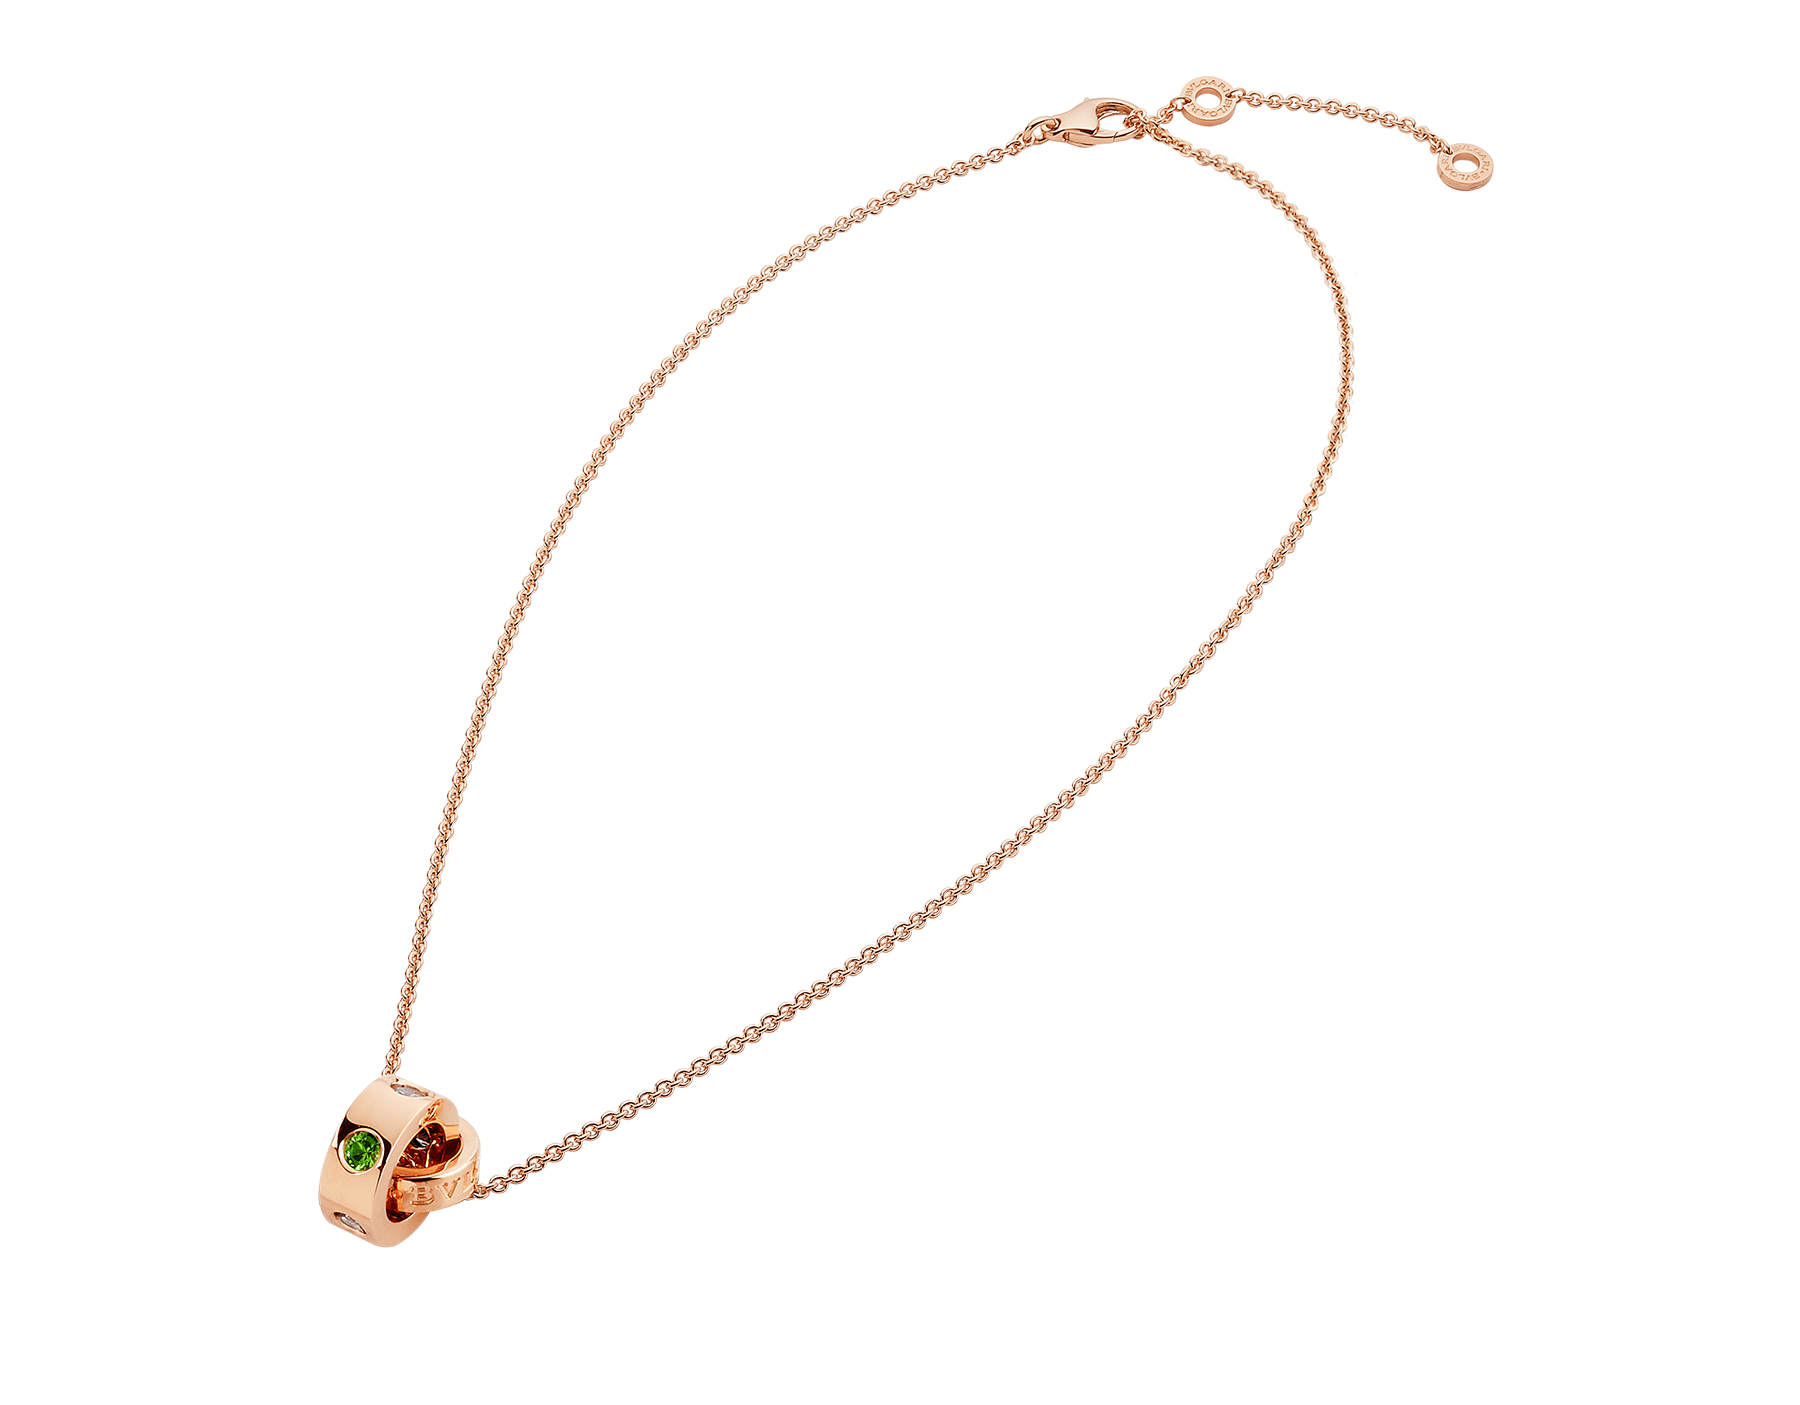 Colar BVLGARIBVLGARI com corrente em ouro rosa 18K e pingente em ouro rosa 18K cravejado com safiras azuis e tsavoritas 352619 image 2